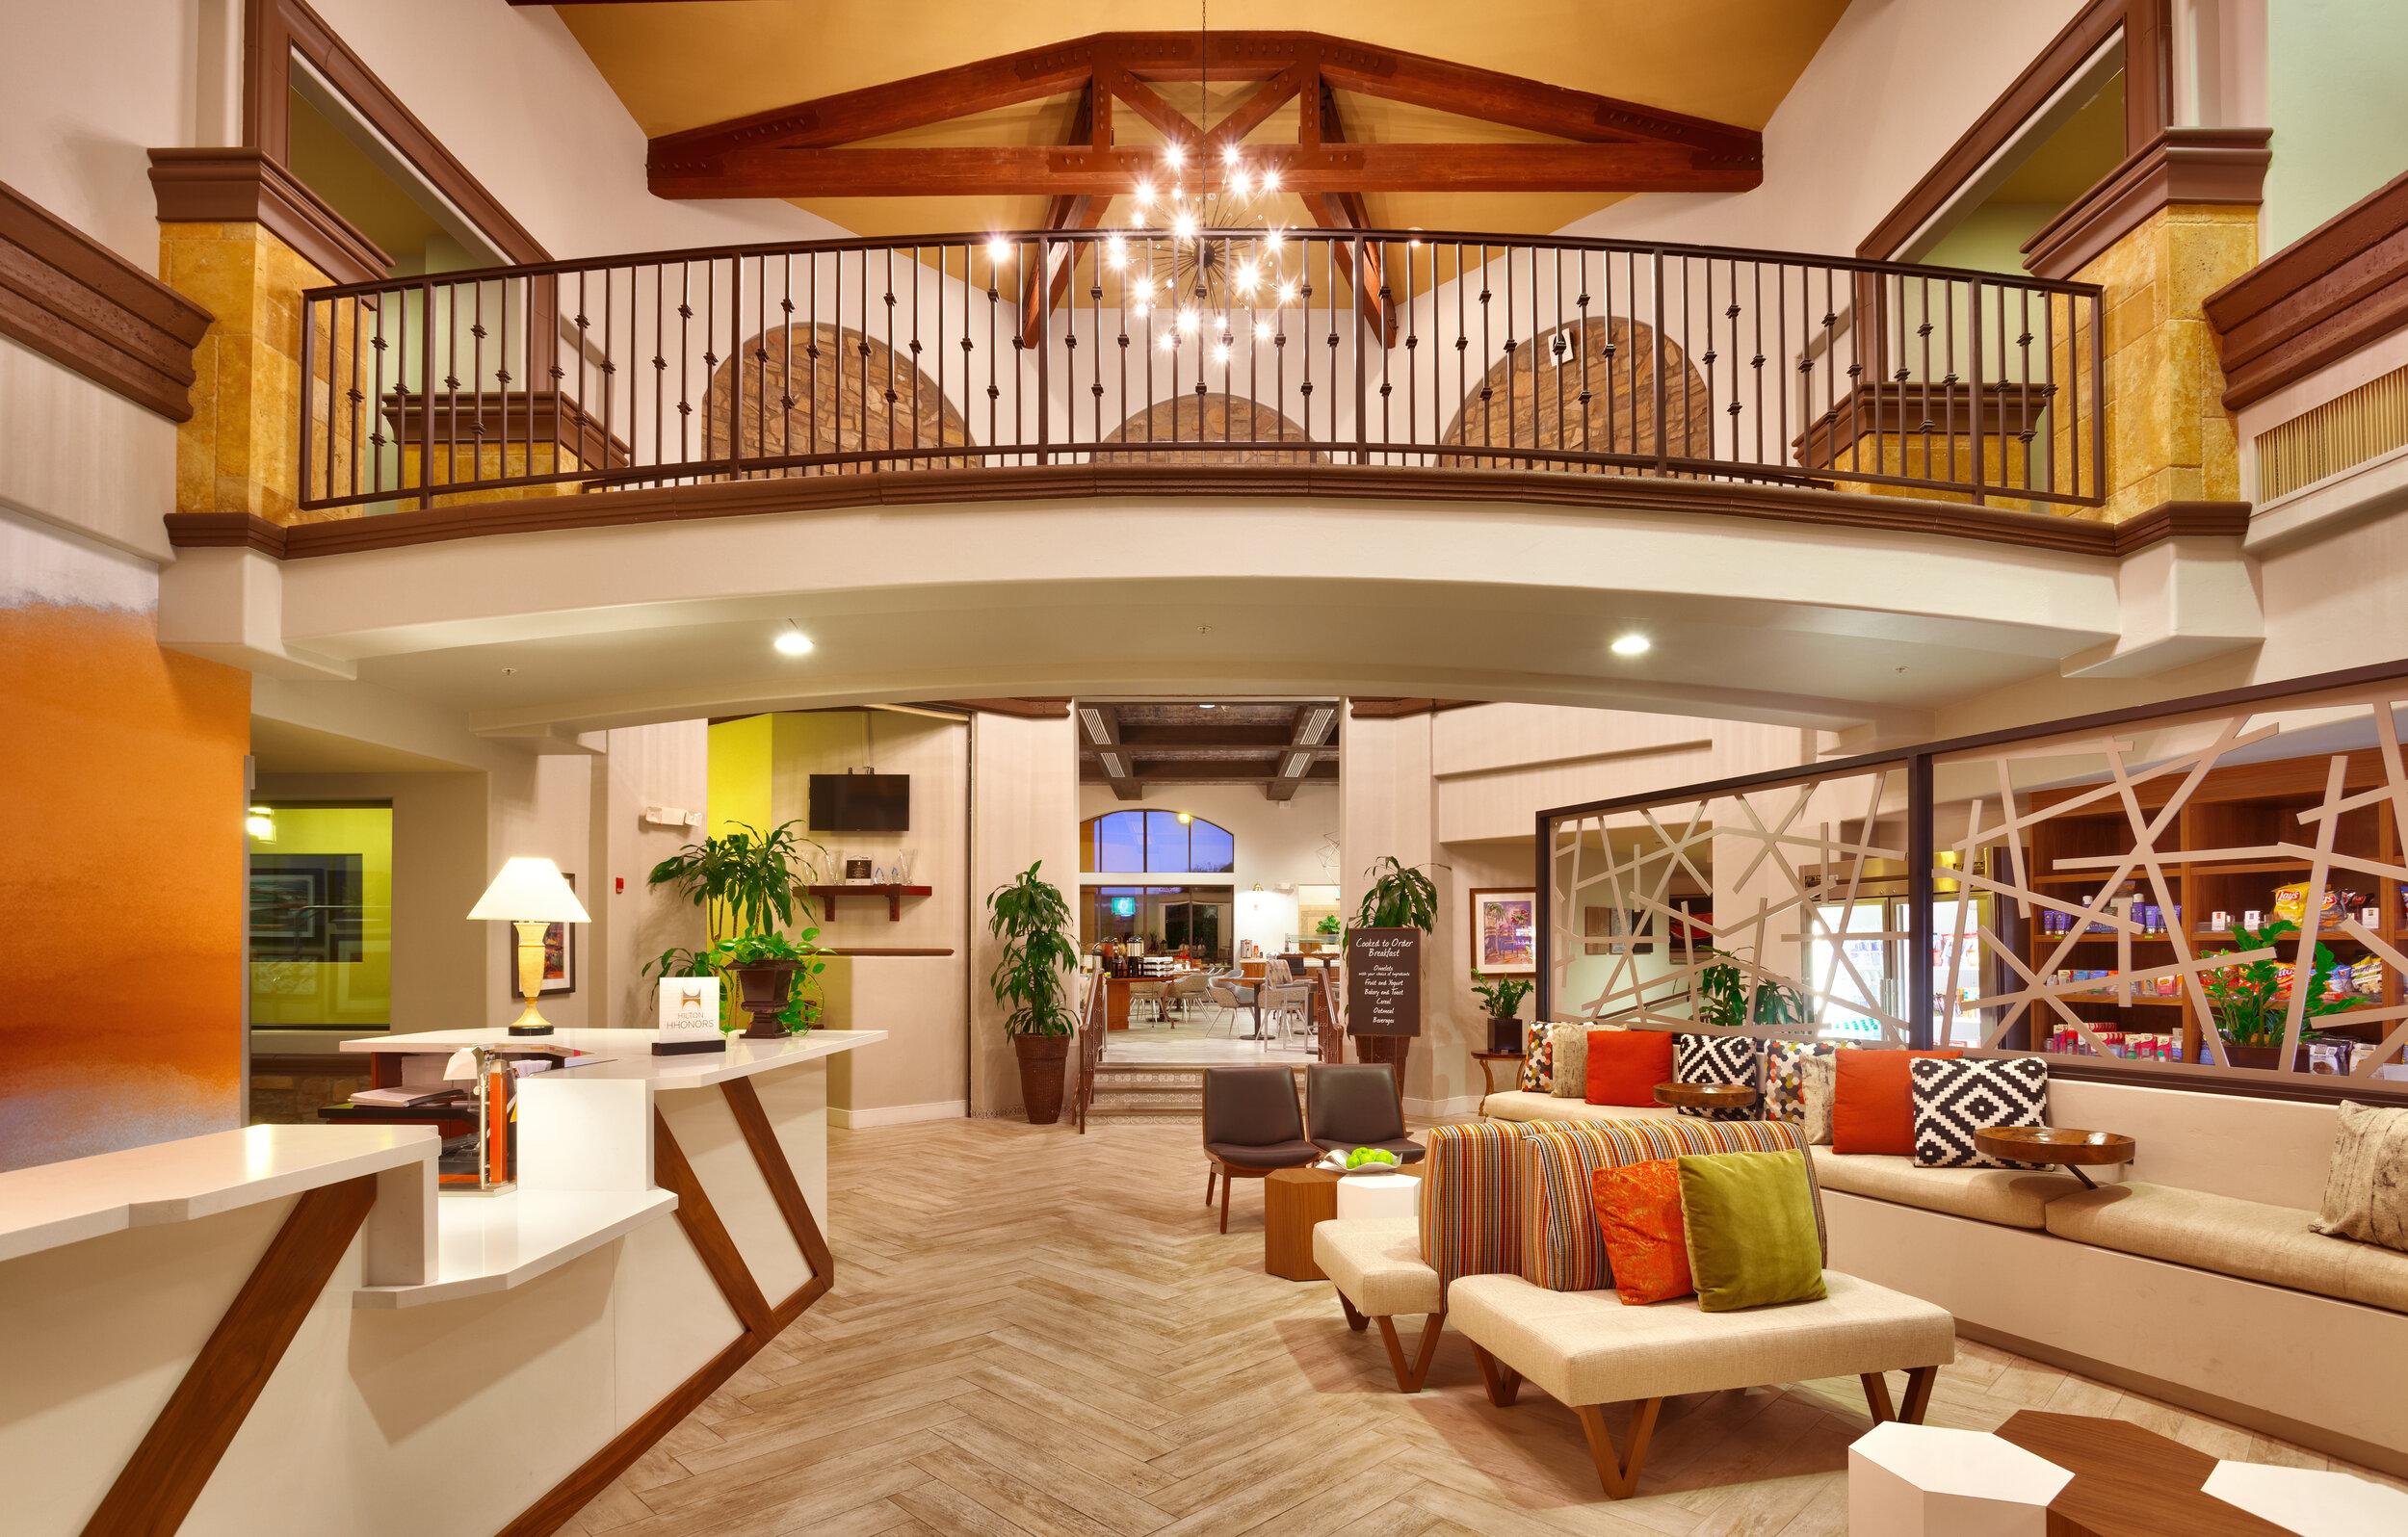 TUSESES-lobby-02.jpg